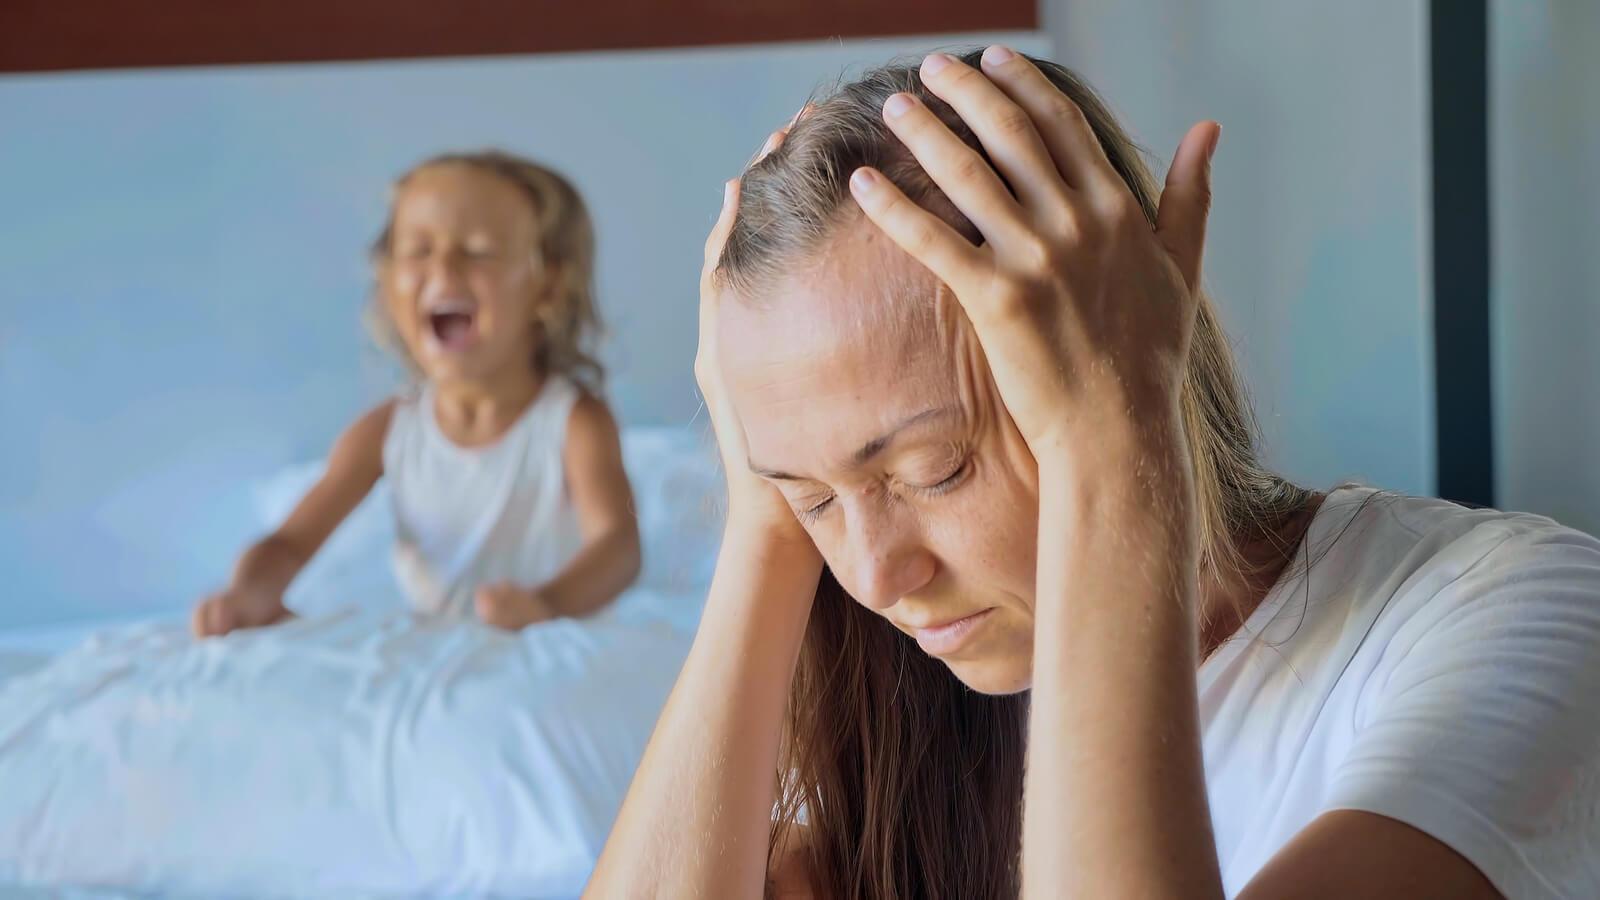 Madre desesperada con dolor de cabeza debido a los gritos de su hija.